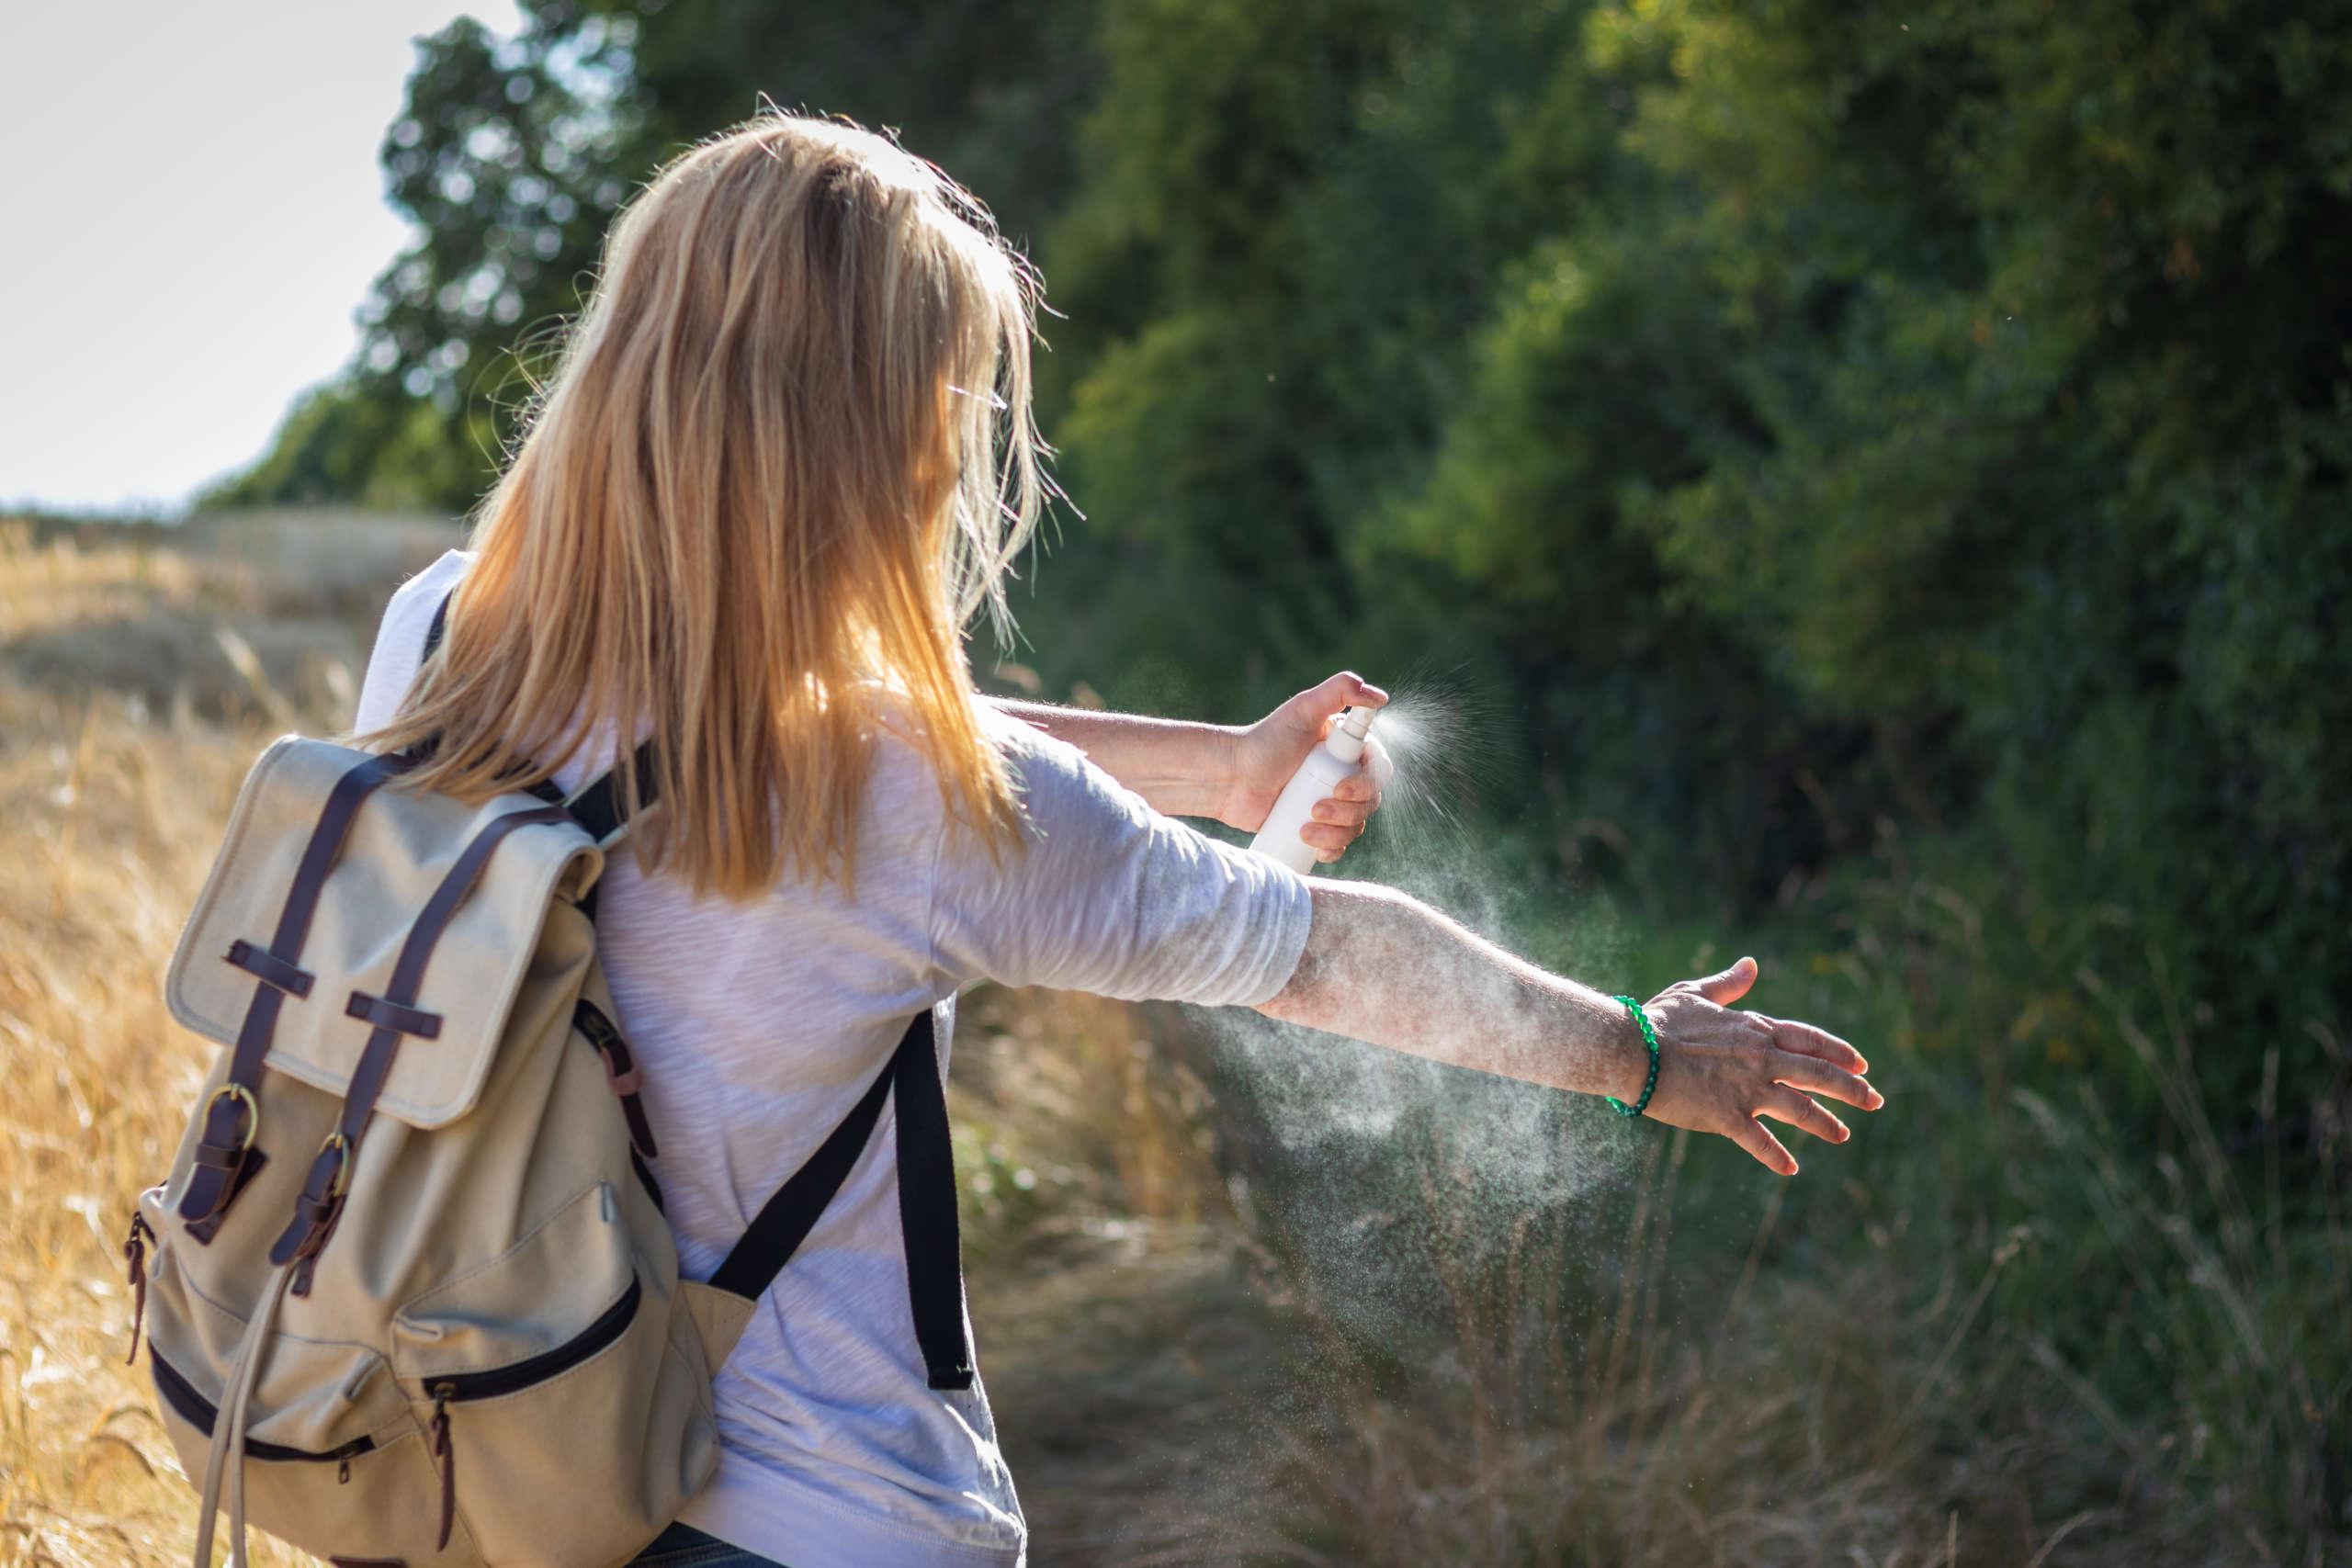 Eine Frau besprüht sich mit Insektenspray.